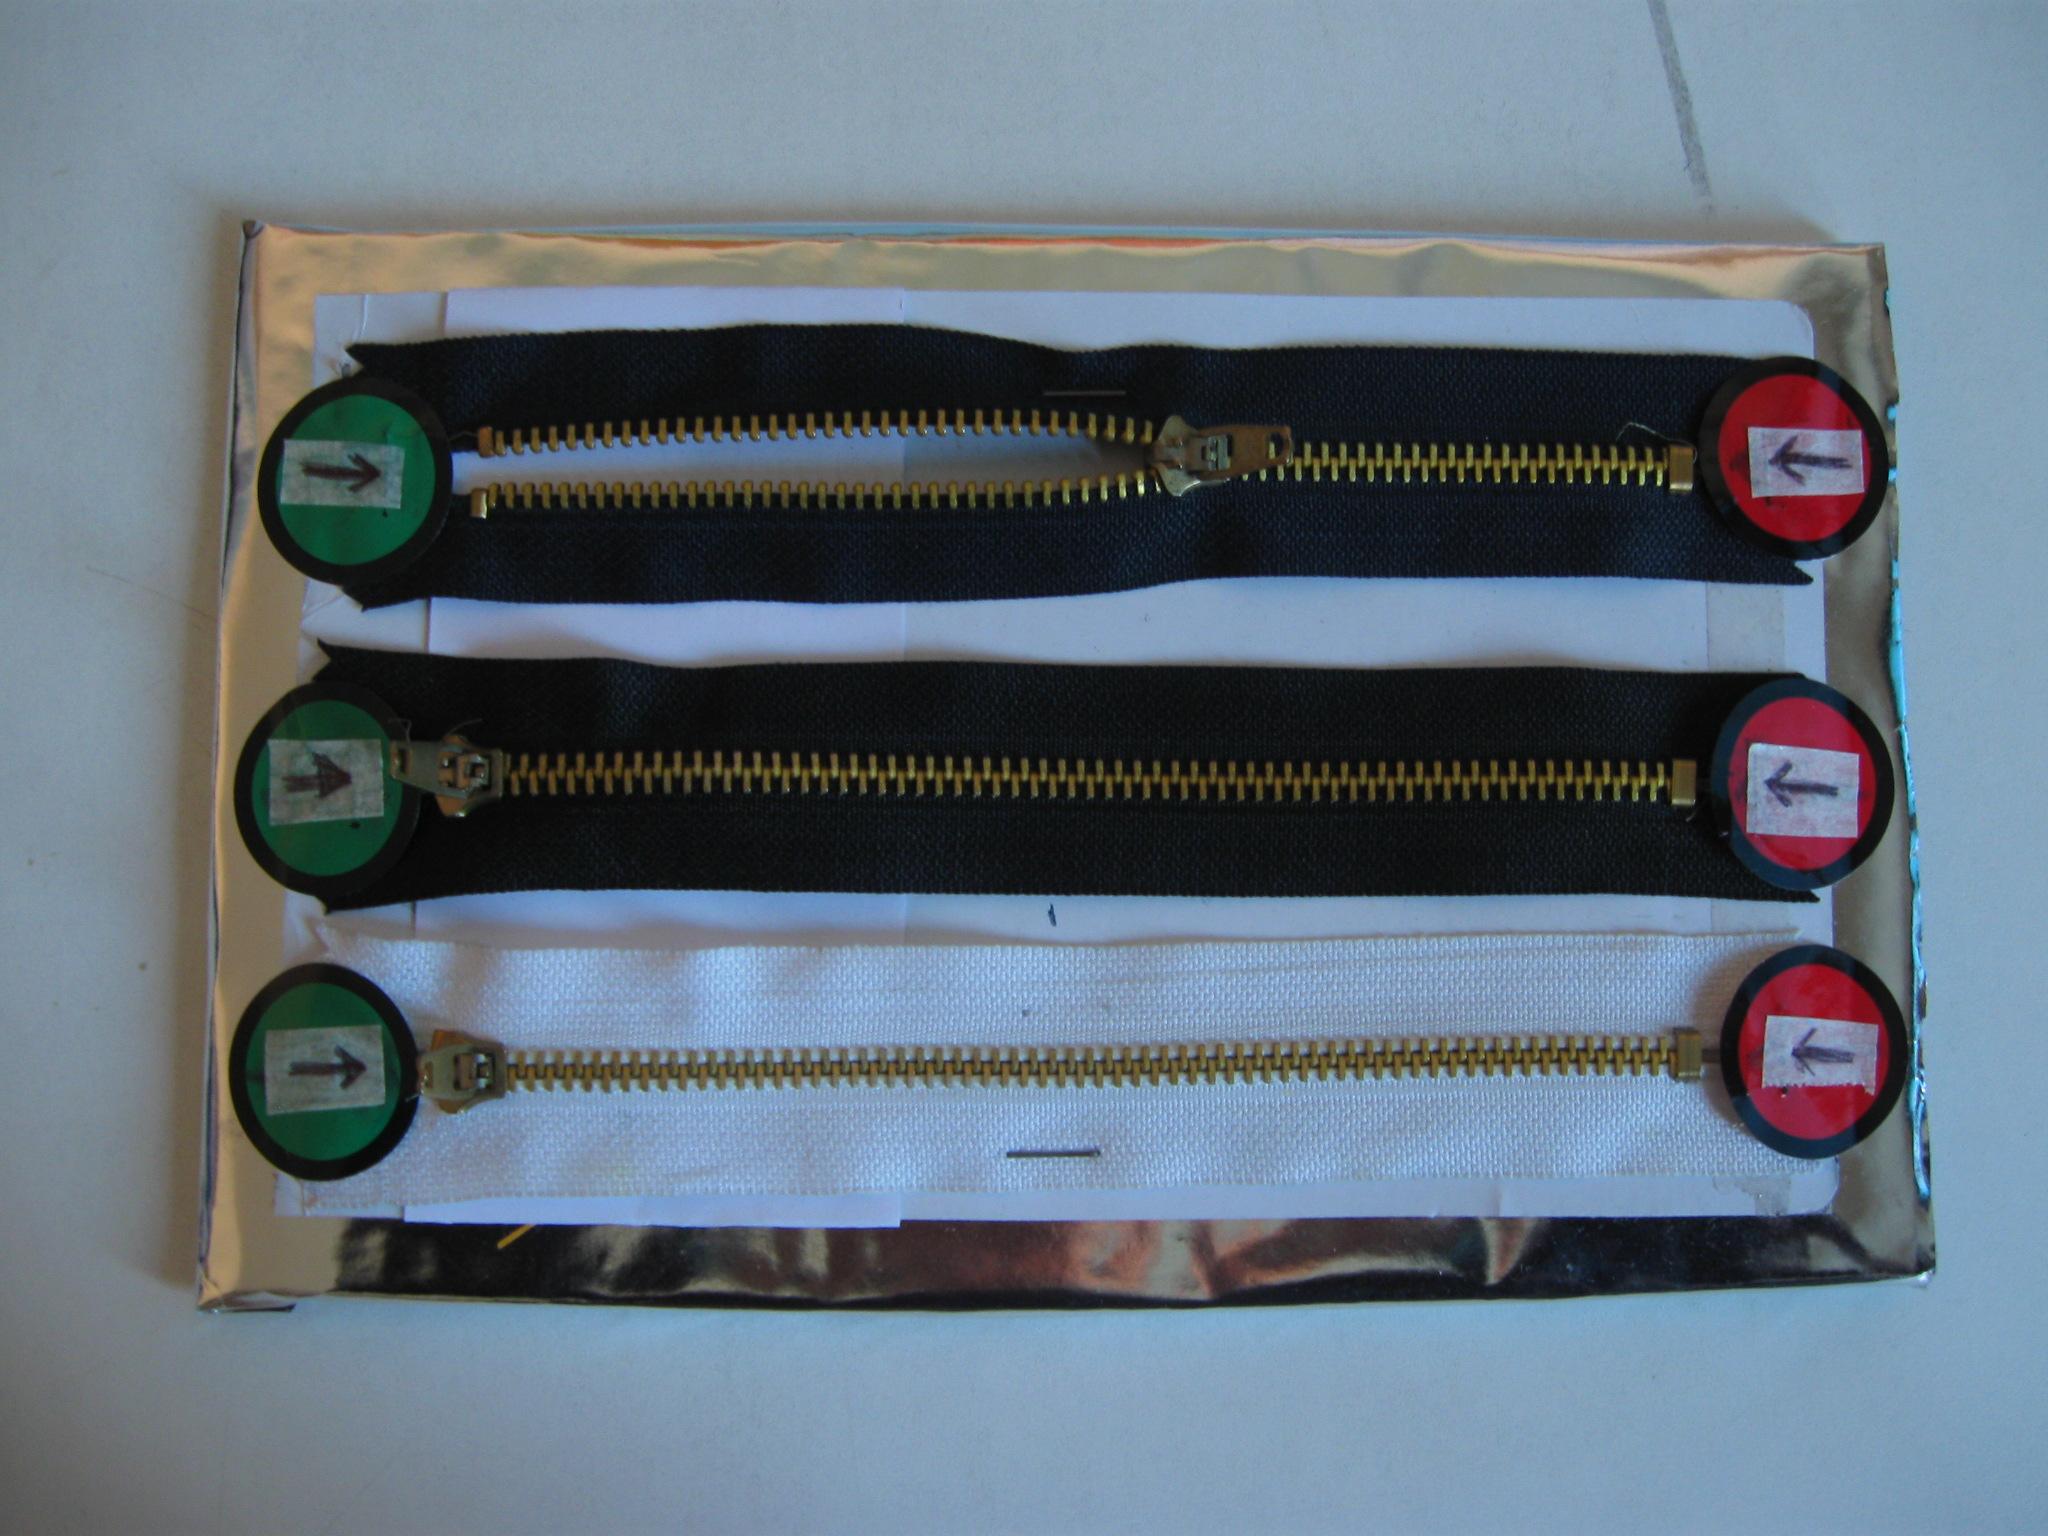 Tre cerniere con un bollino verde all'inizio e uno rosso alla fine. Due sono chiuse e una è aperta fino a metà.